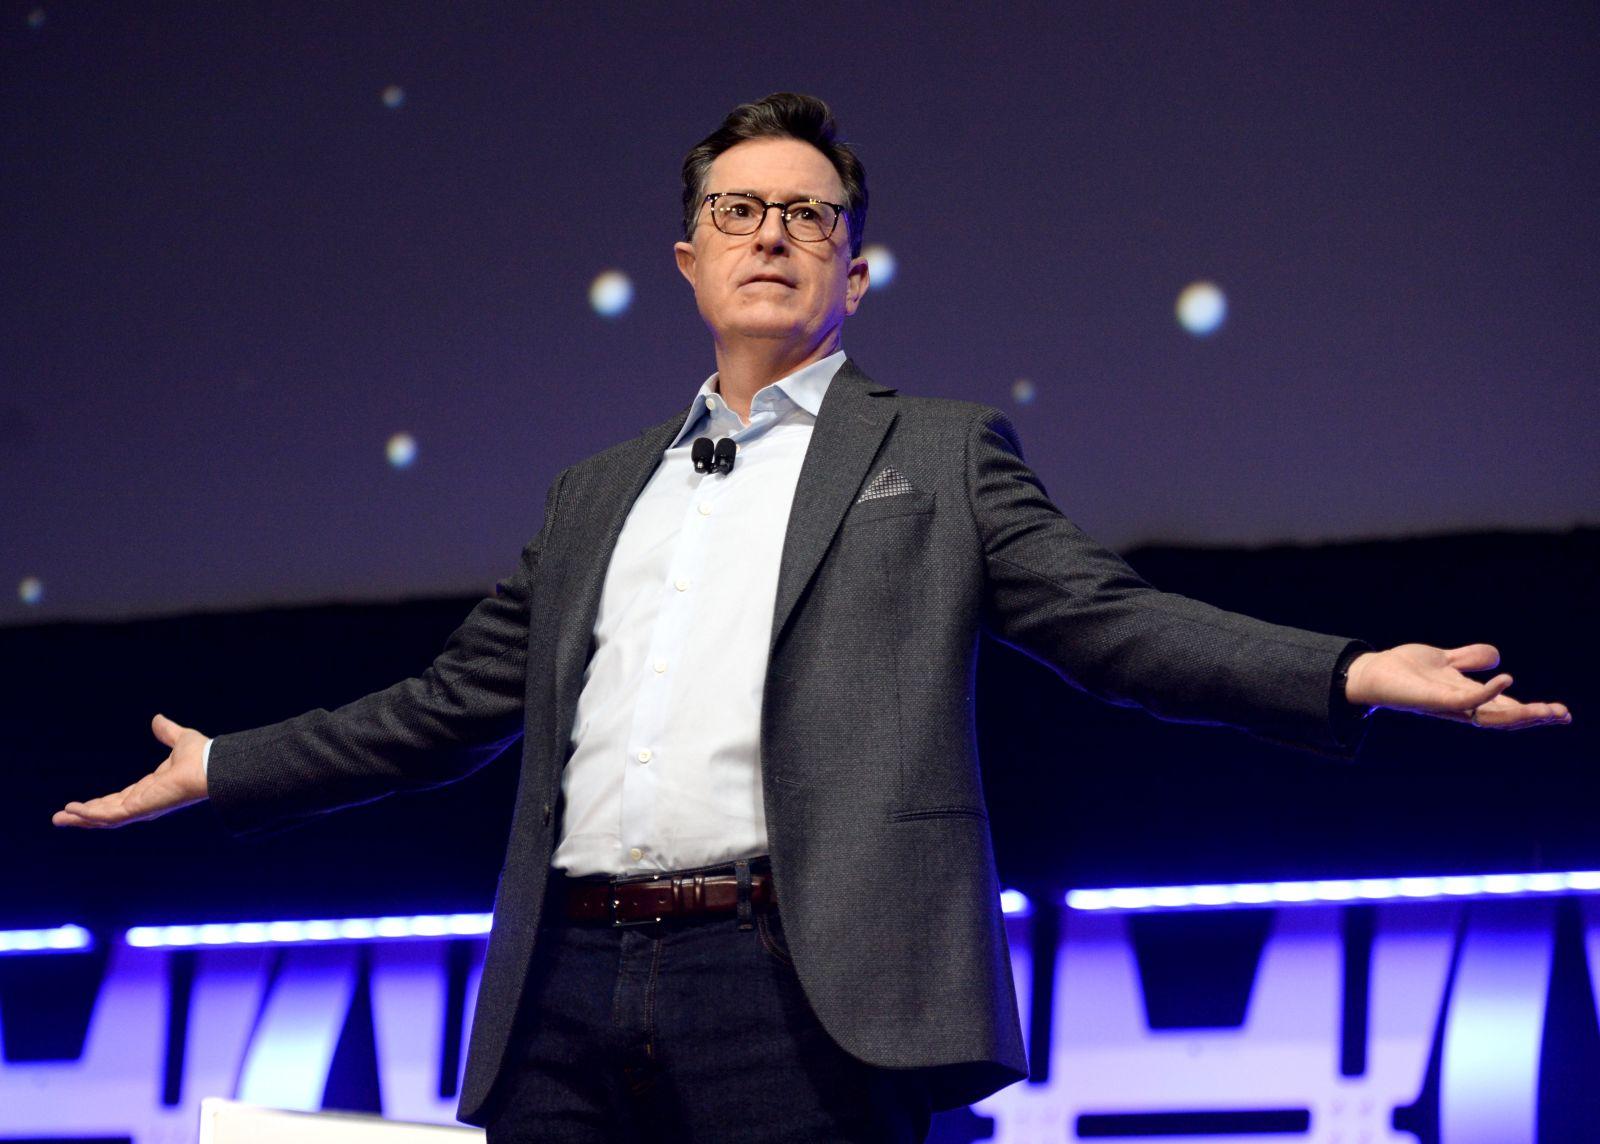 Stephen Colbert a Celebration színpadán (fotó: Disney)